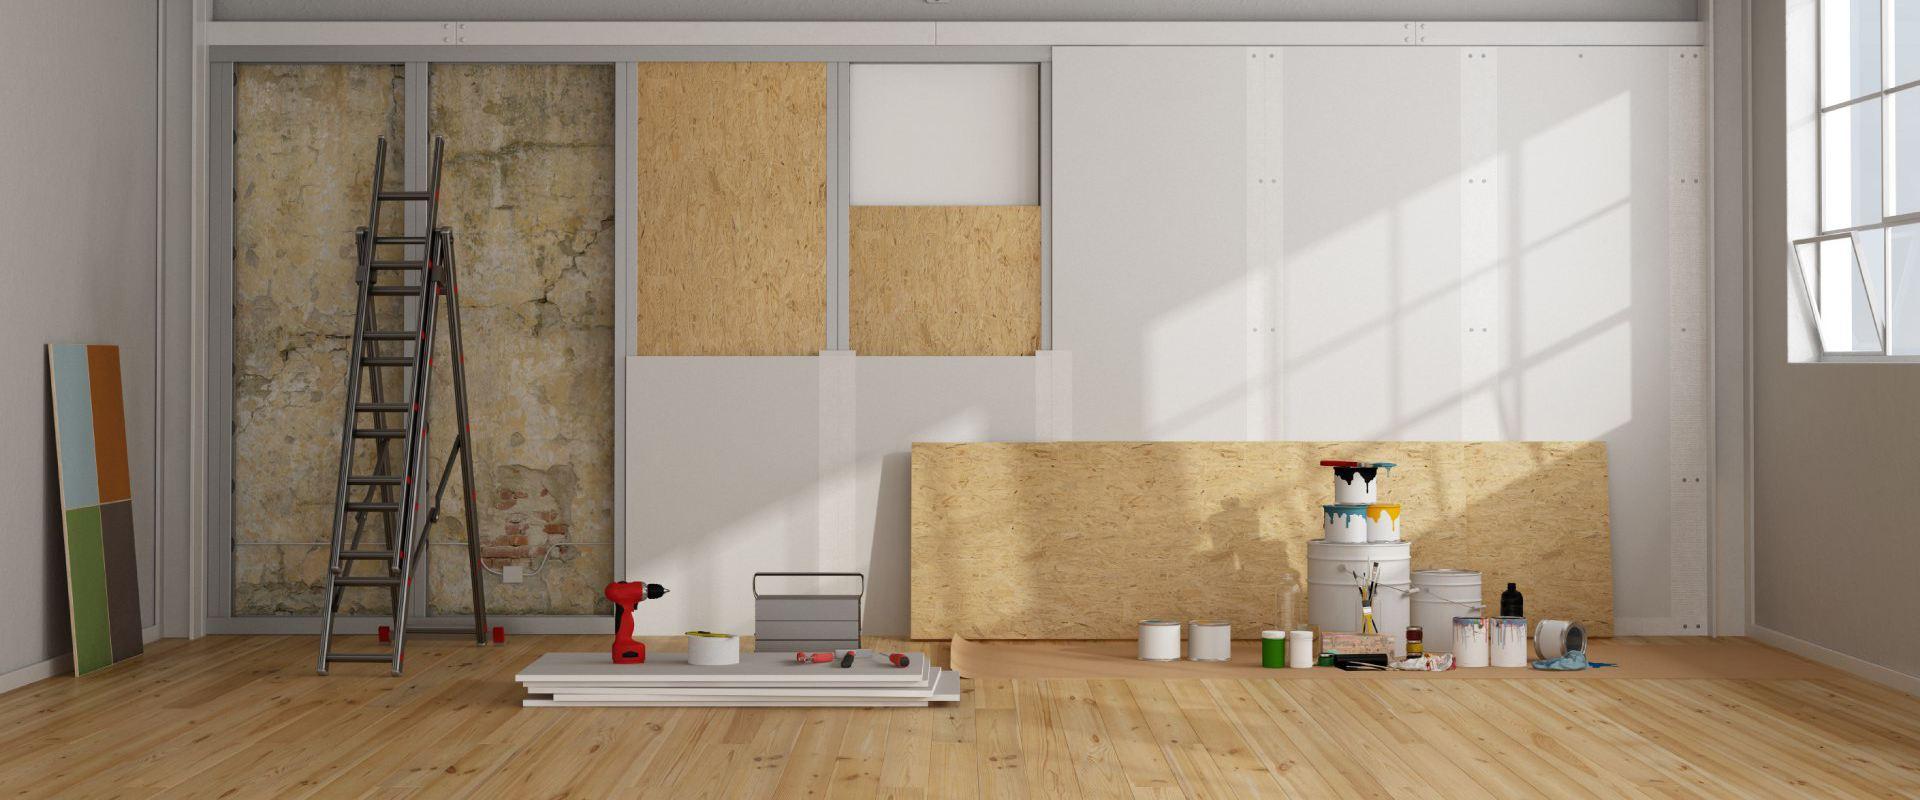 Rénovation Isolation Aménagement Arpajon Essonne